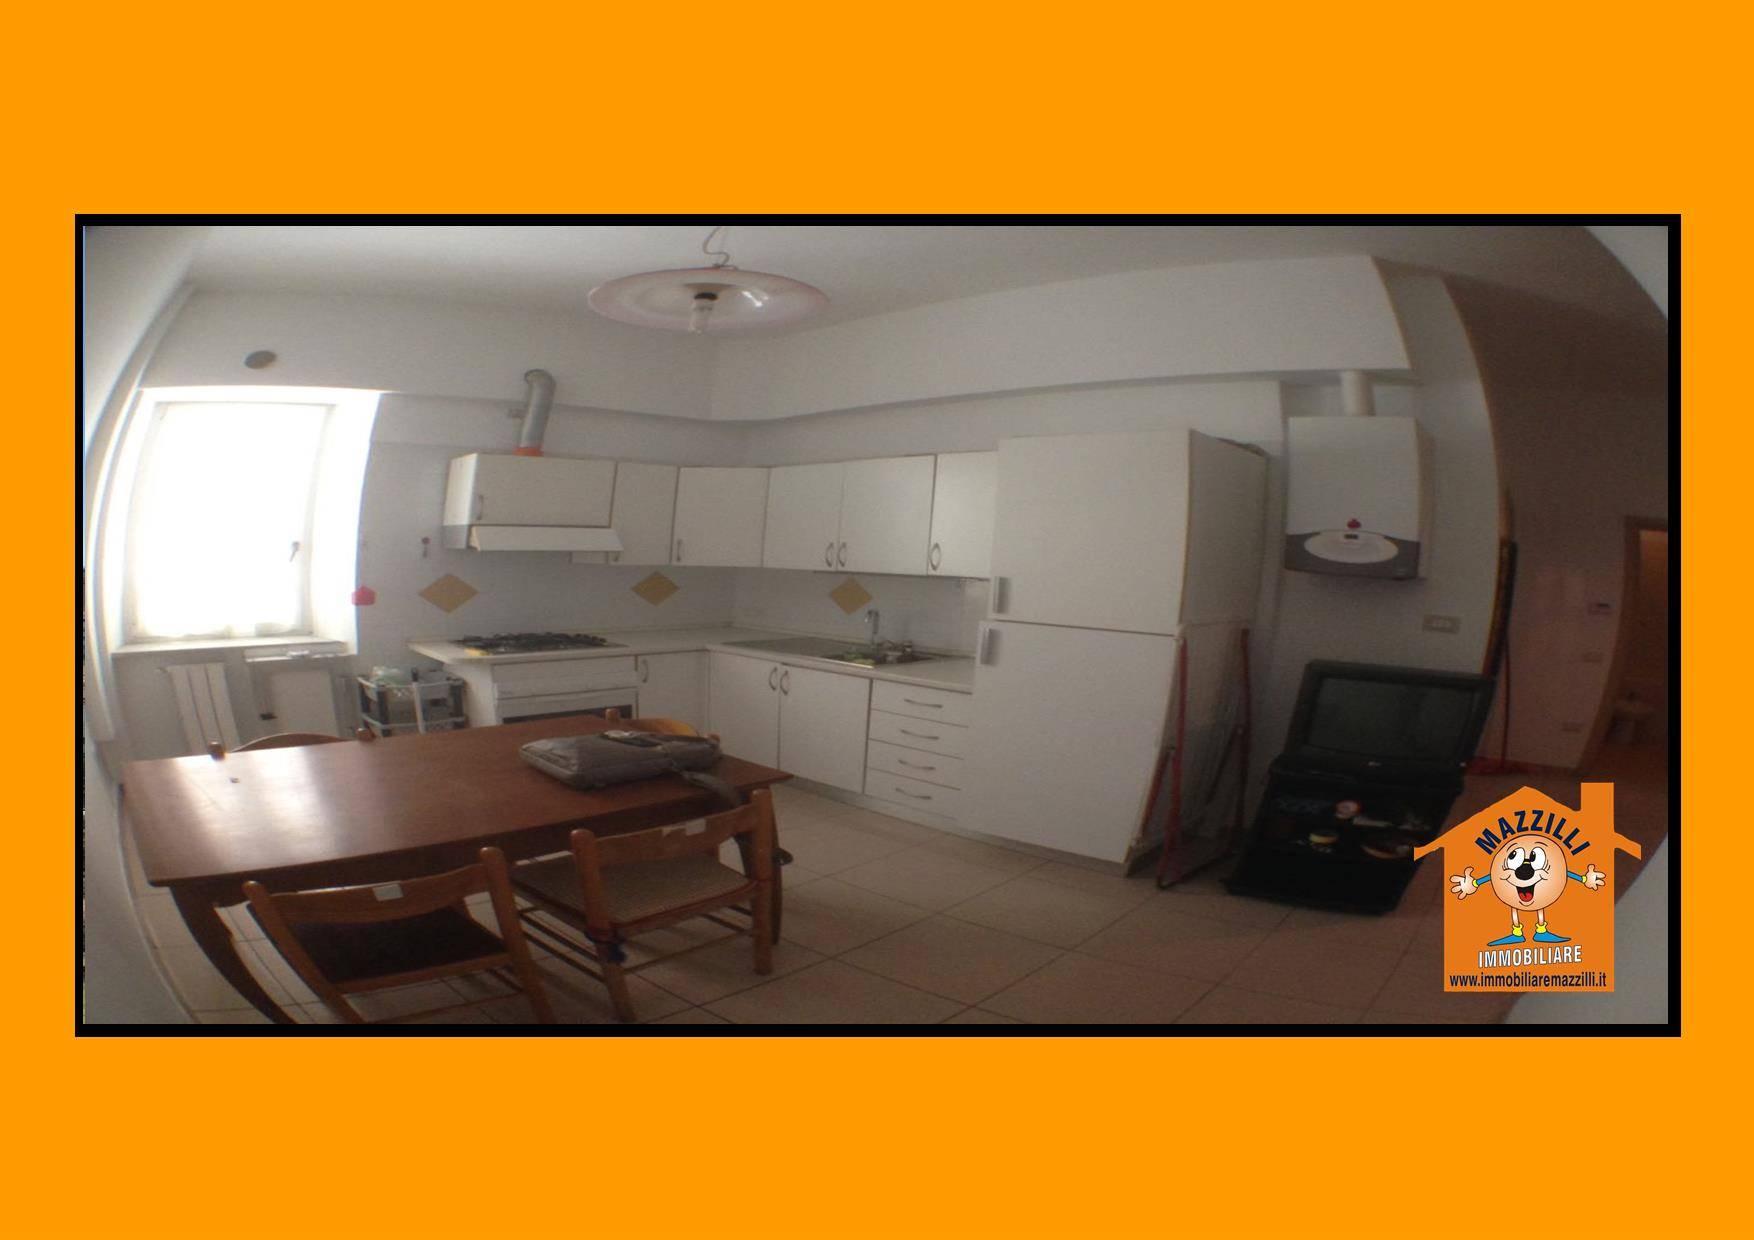 Appartamento in vendita a Potenza, 2 locali, prezzo € 42.000 | PortaleAgenzieImmobiliari.it